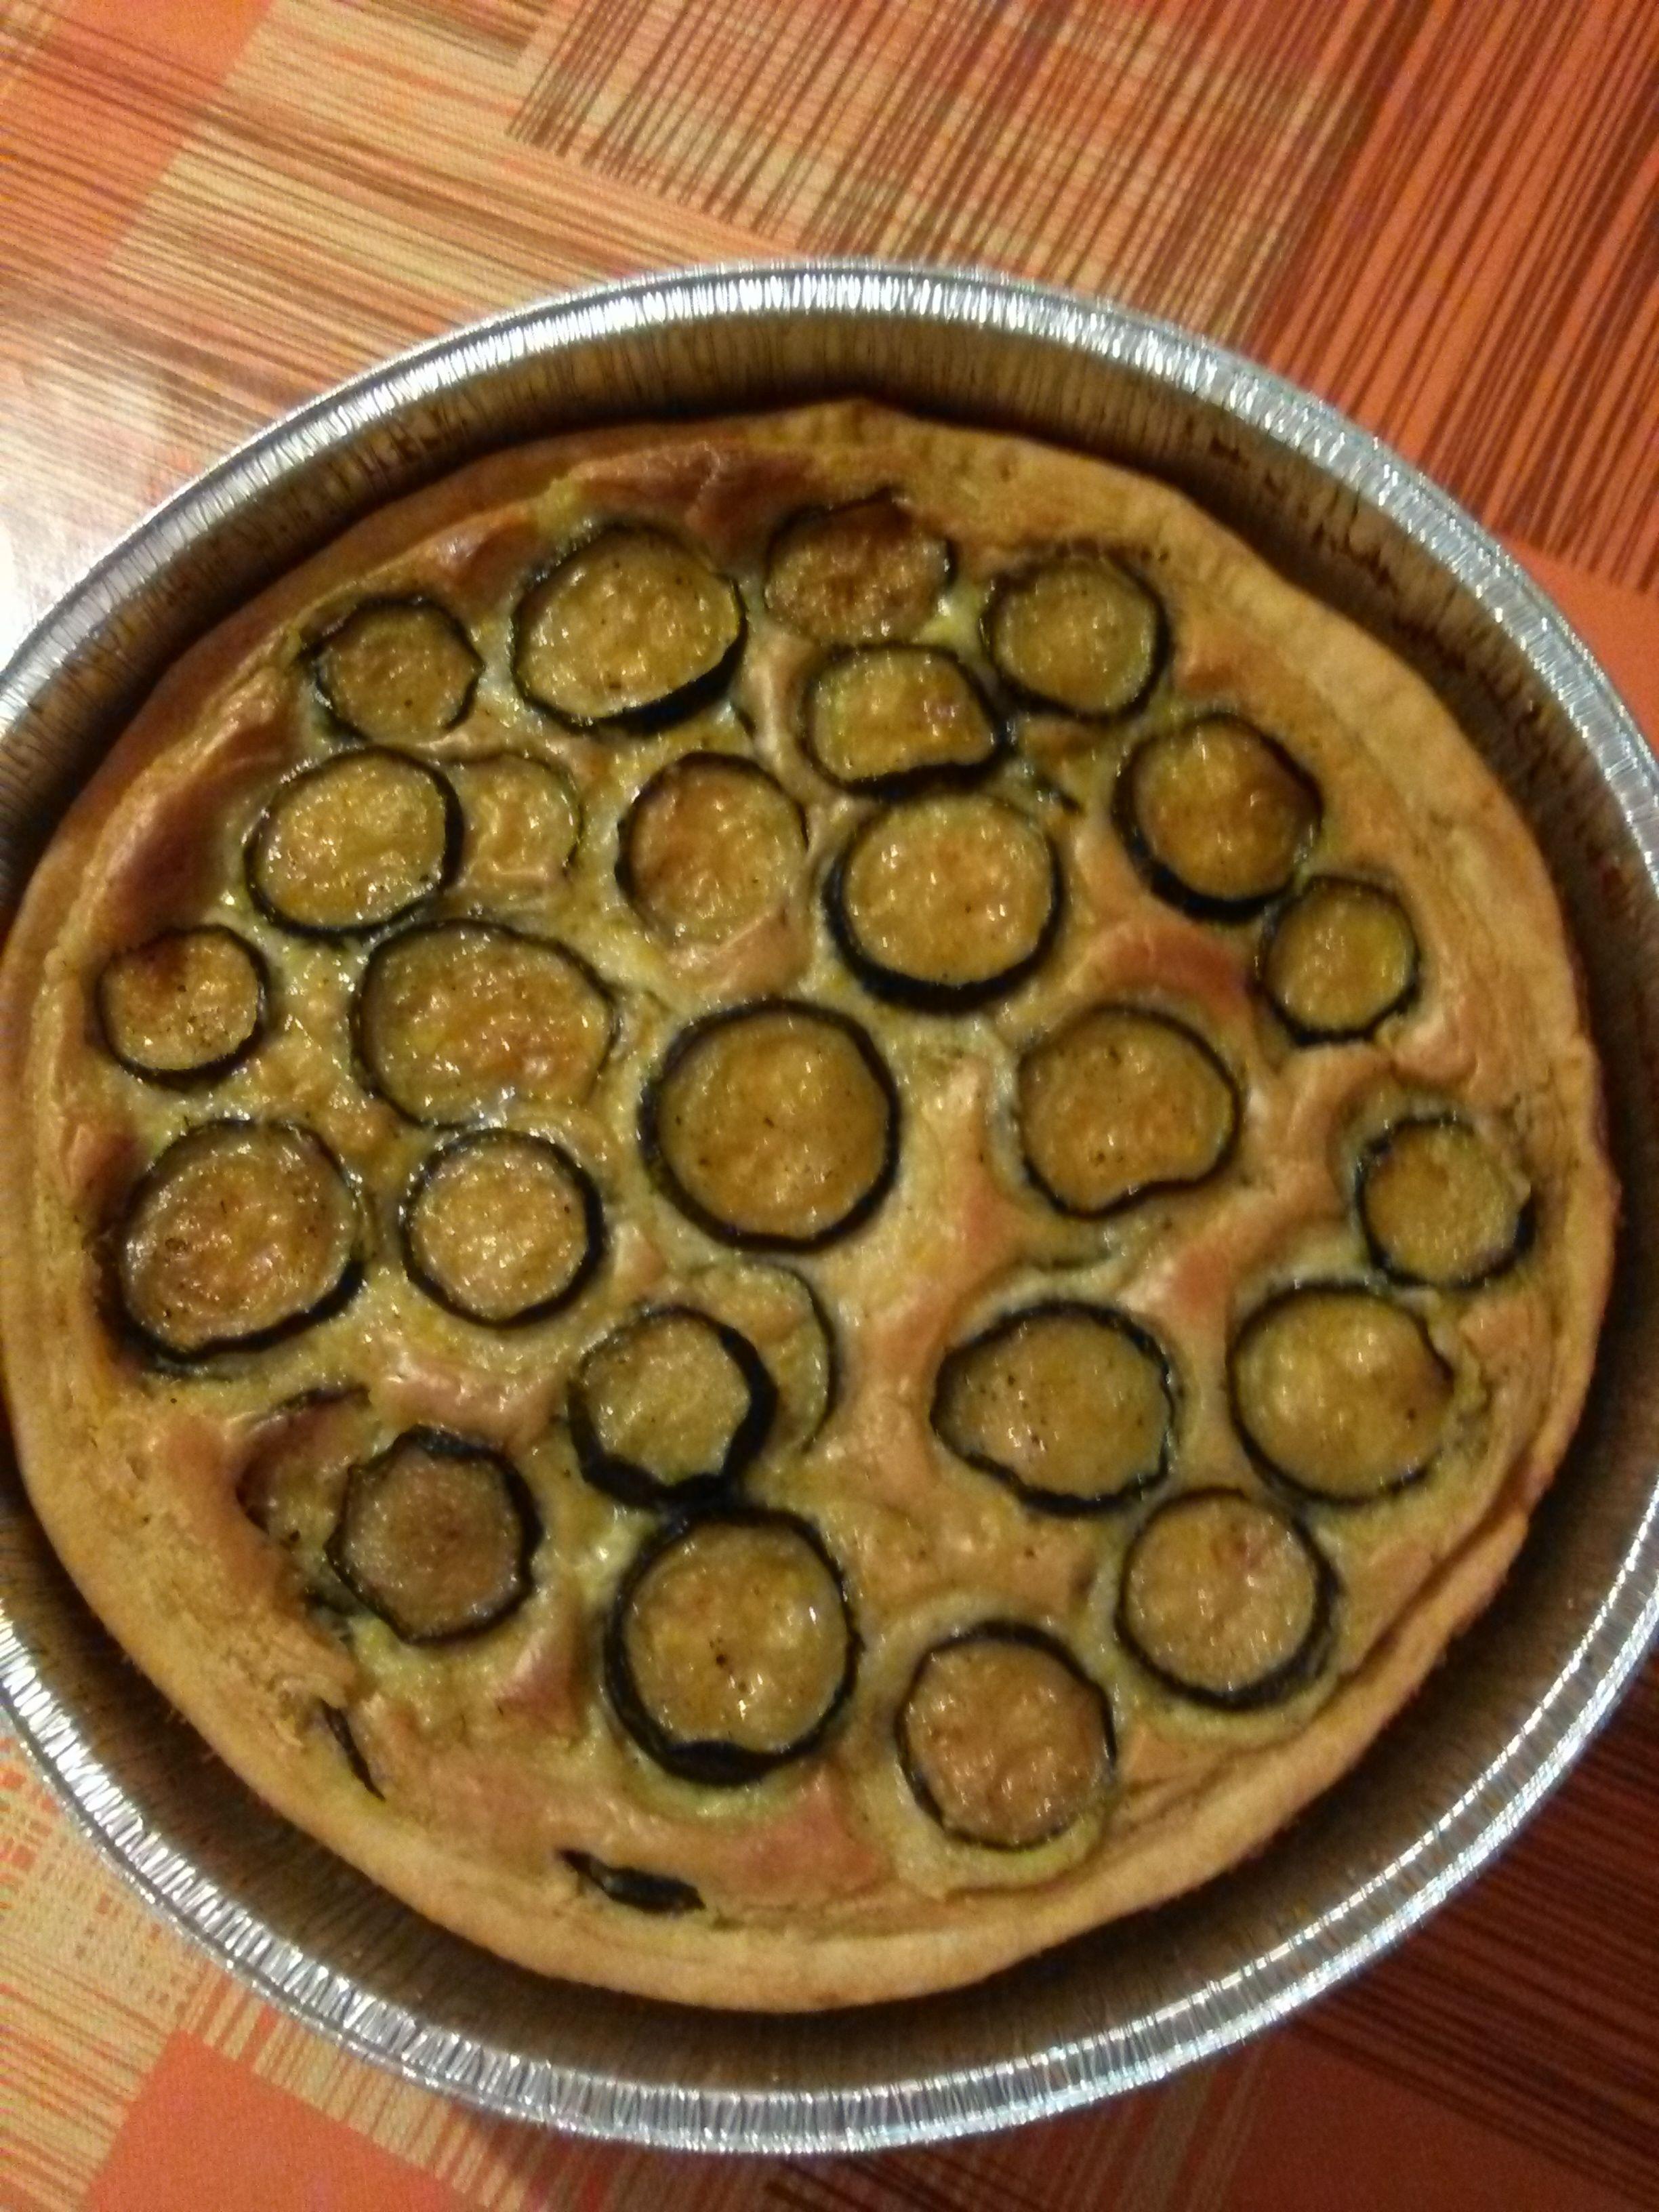 Torta+salata+ripiena+di+besciamella+e+zucchine+aromatizzate+allo+zafferano+home-made